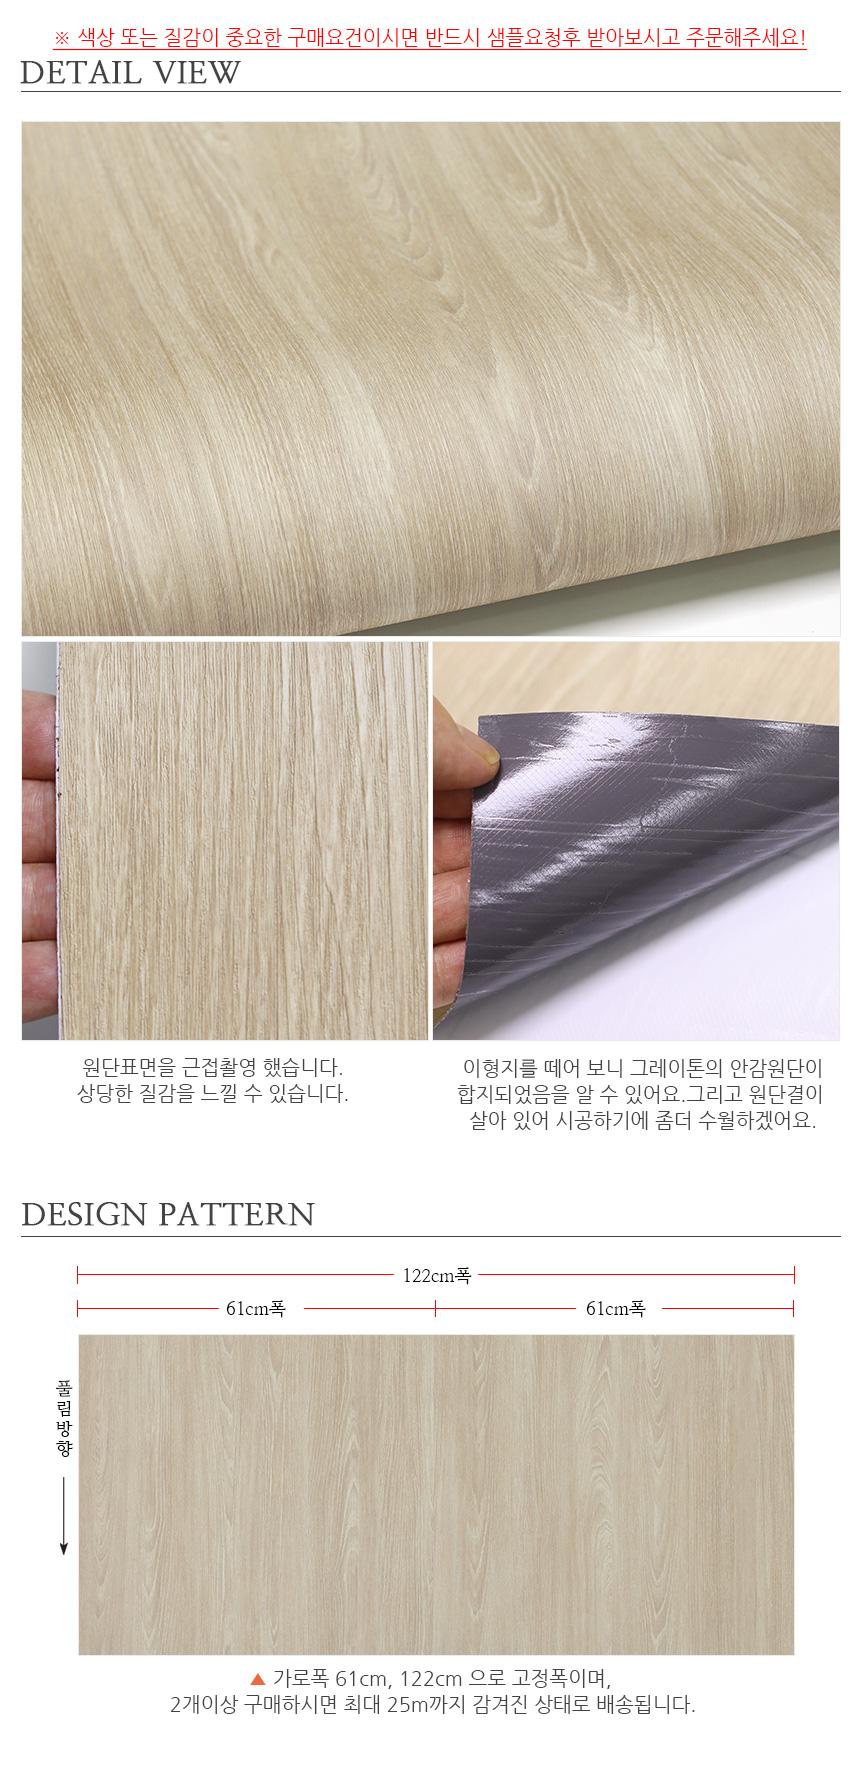 멸균 바닥시트지 애쉬 (SLT003) - 데코사랑, 9,350원, 벽지/시트지, 패턴/무늬목 시트